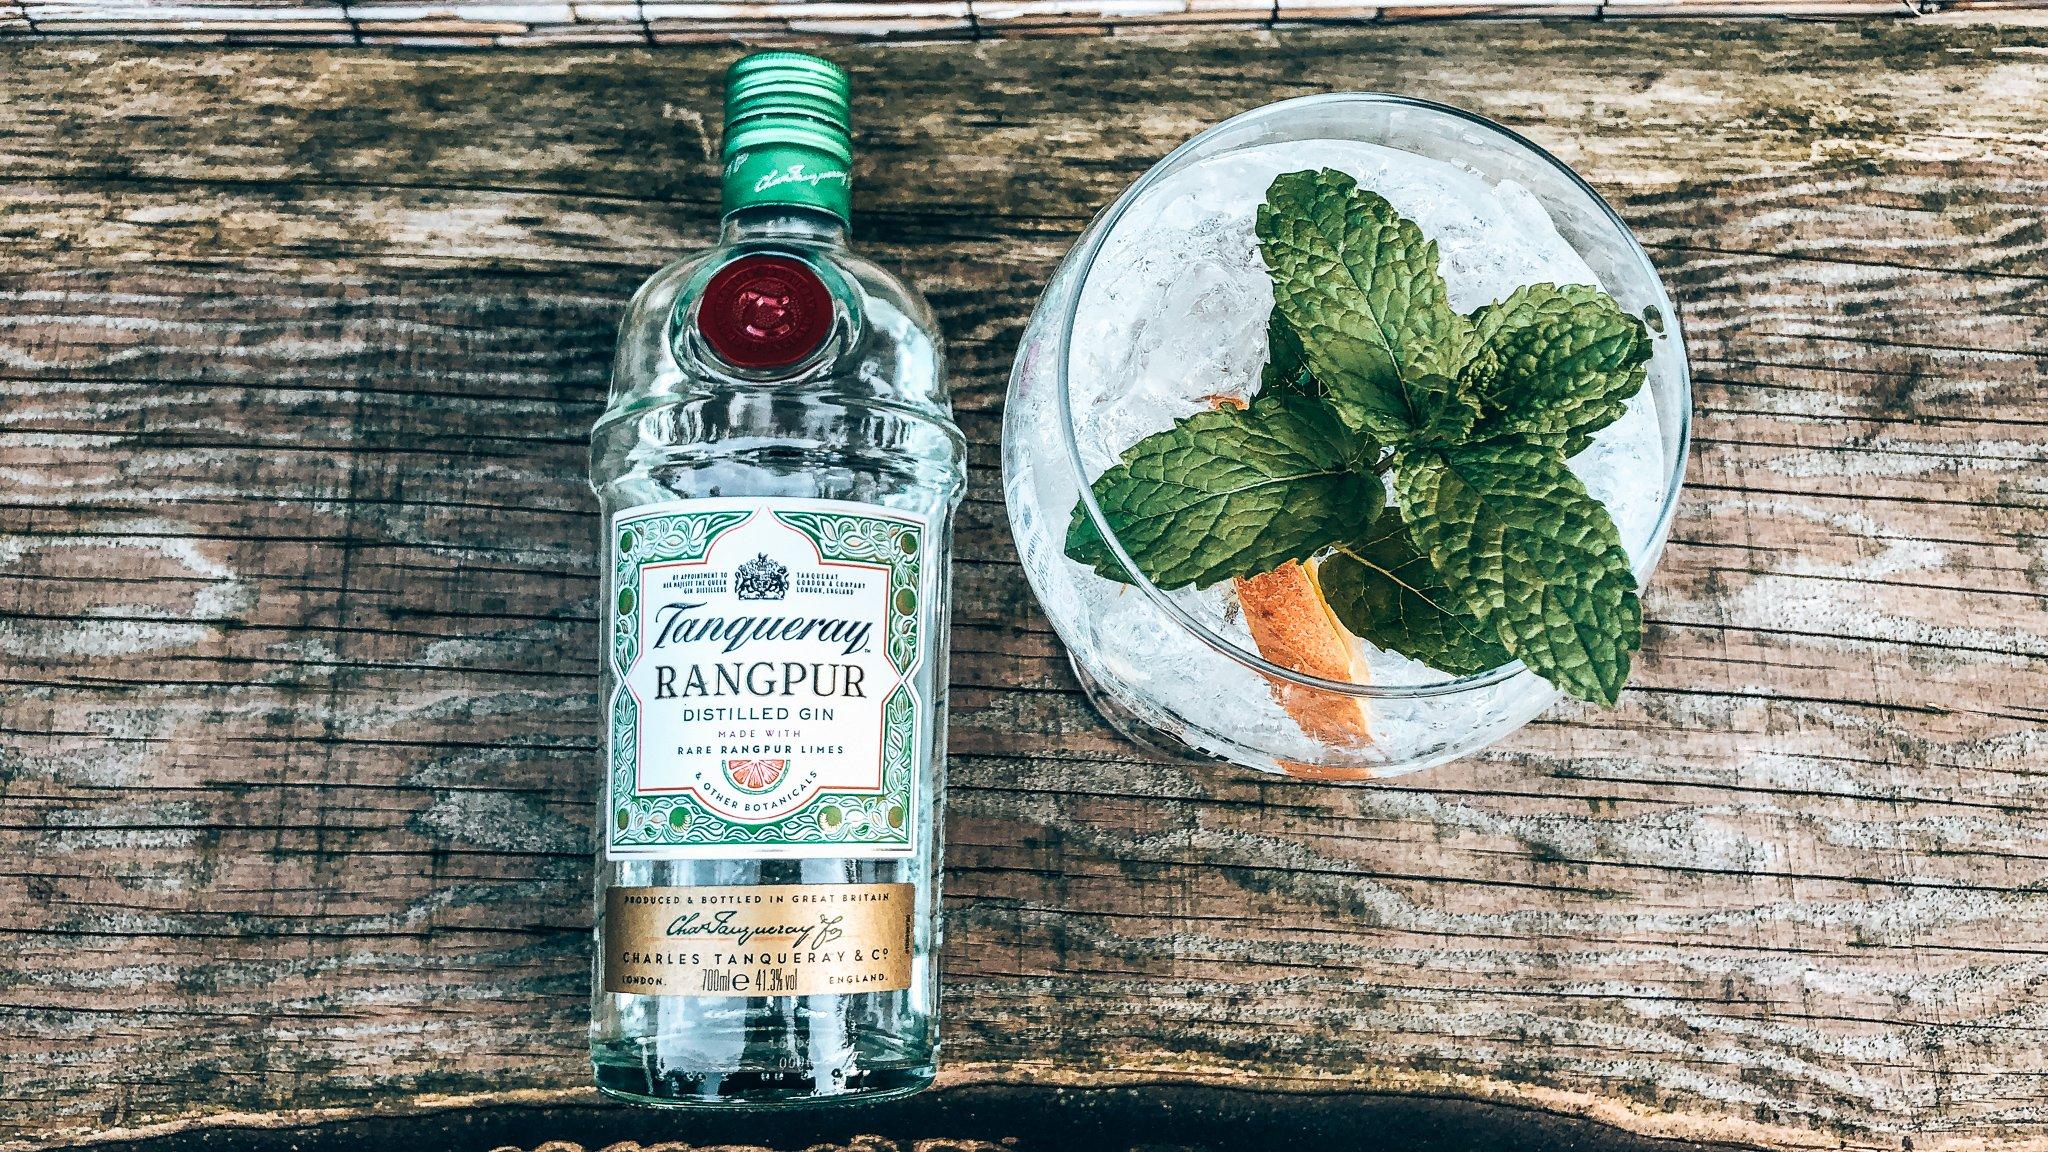 Gin-tonic Orangpur, Tanqueray Rangpur, recept, Alles over gin.